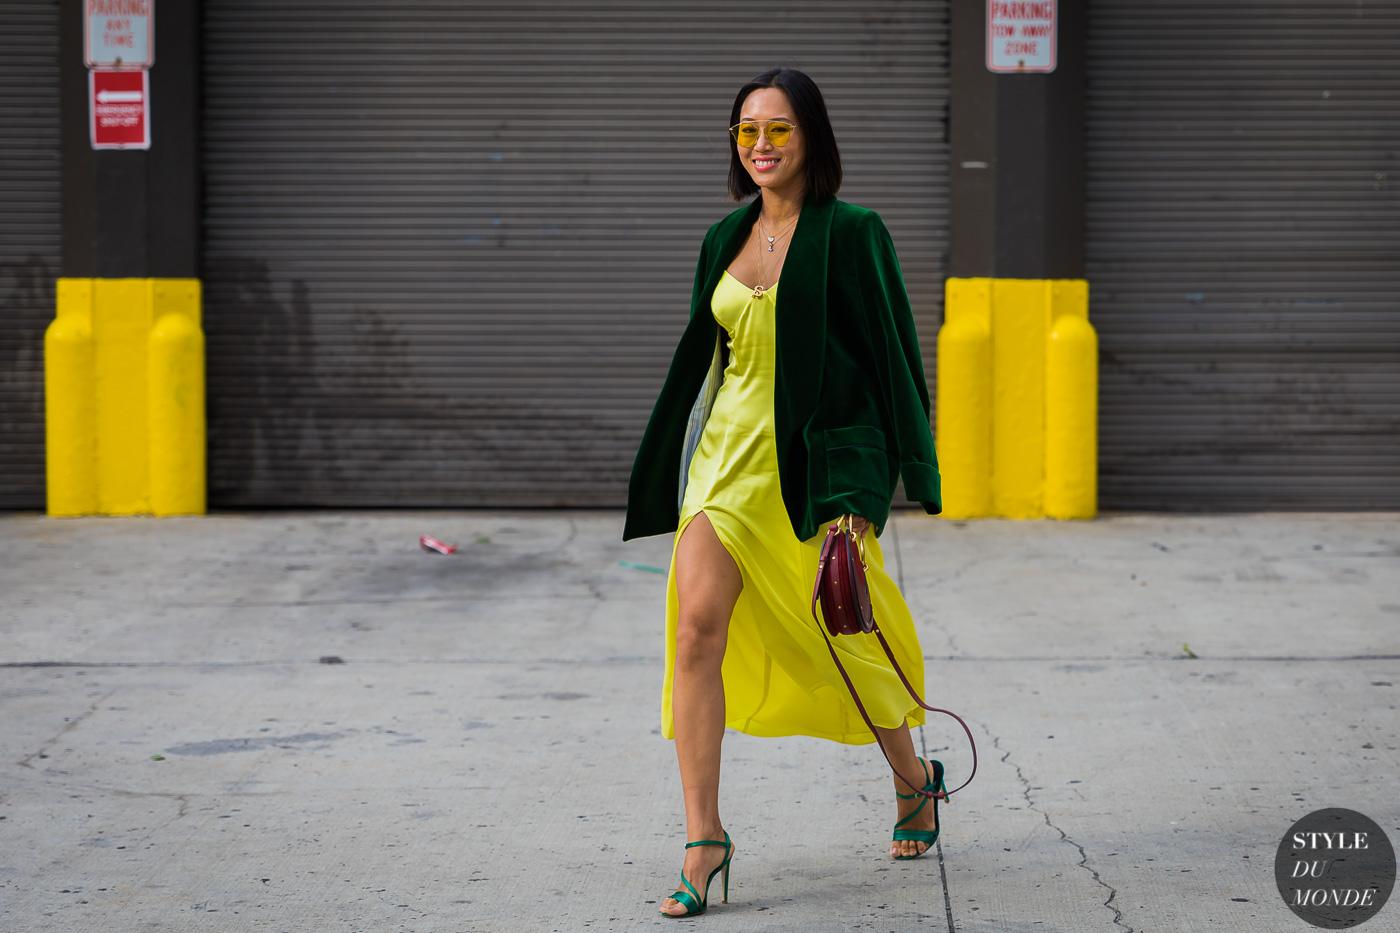 tín đồ thời trang Aimee Song tự tin diện blazer xanh rêu, đầm xẻ tà vàng